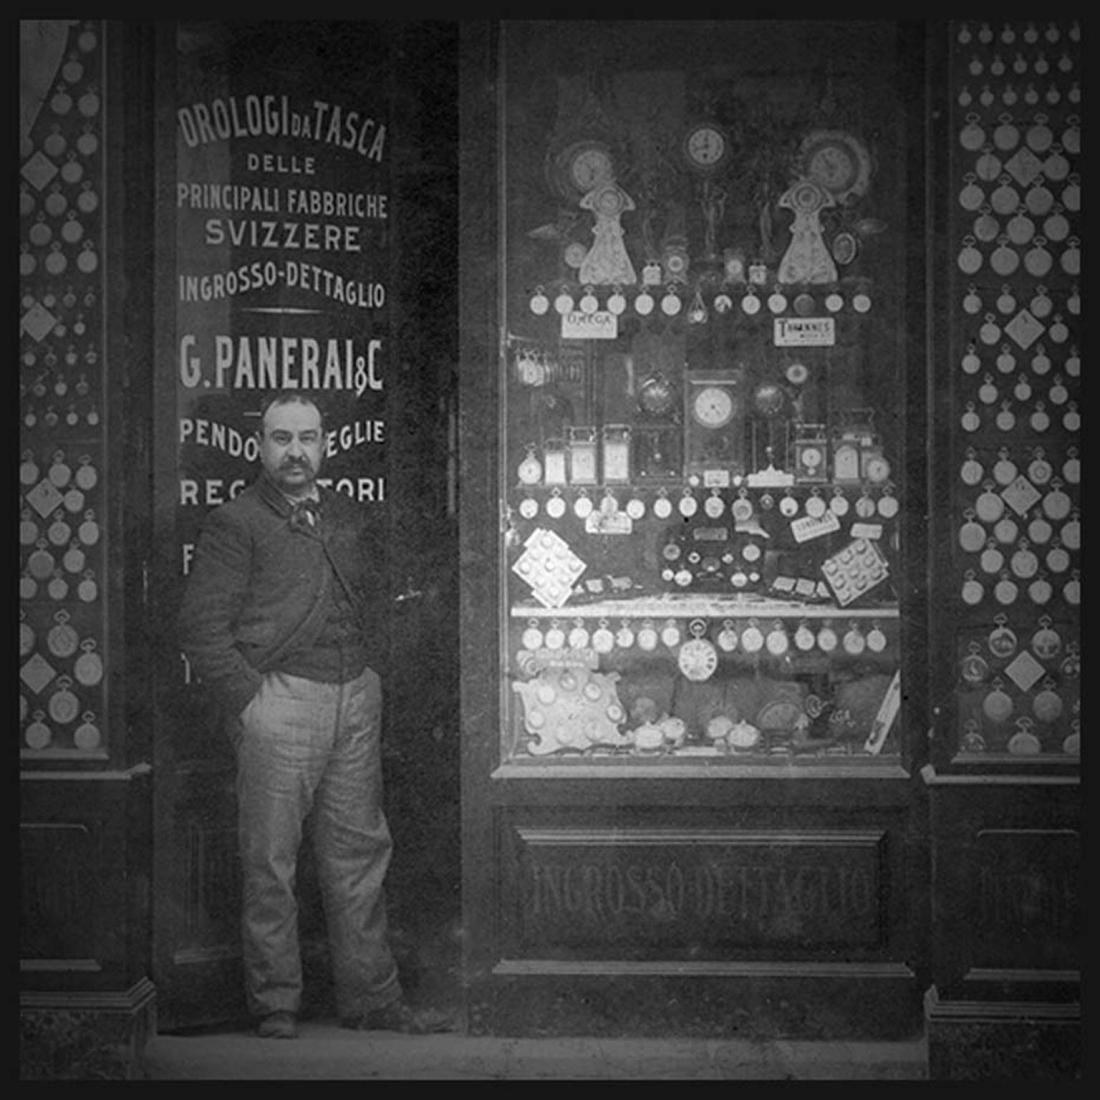 Giovanni Panerai frente a su tienda de relojes, historia de Panerai